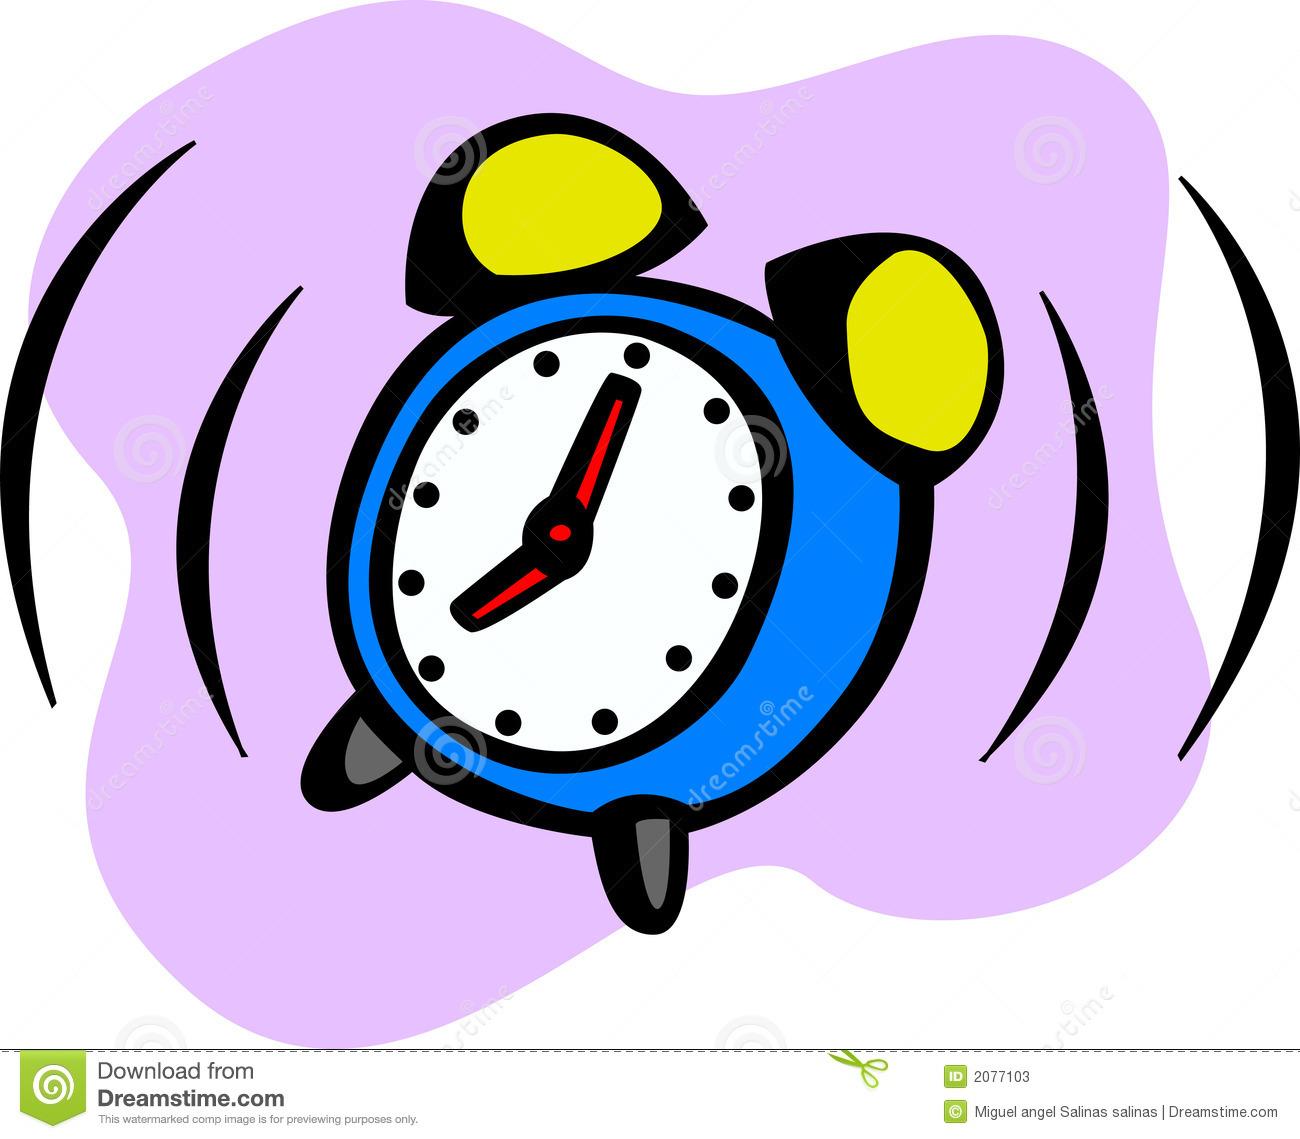 ringing alarm clock clipart clipart panda free clipart images rh clipartpanda com alert clip art free alert clip art free